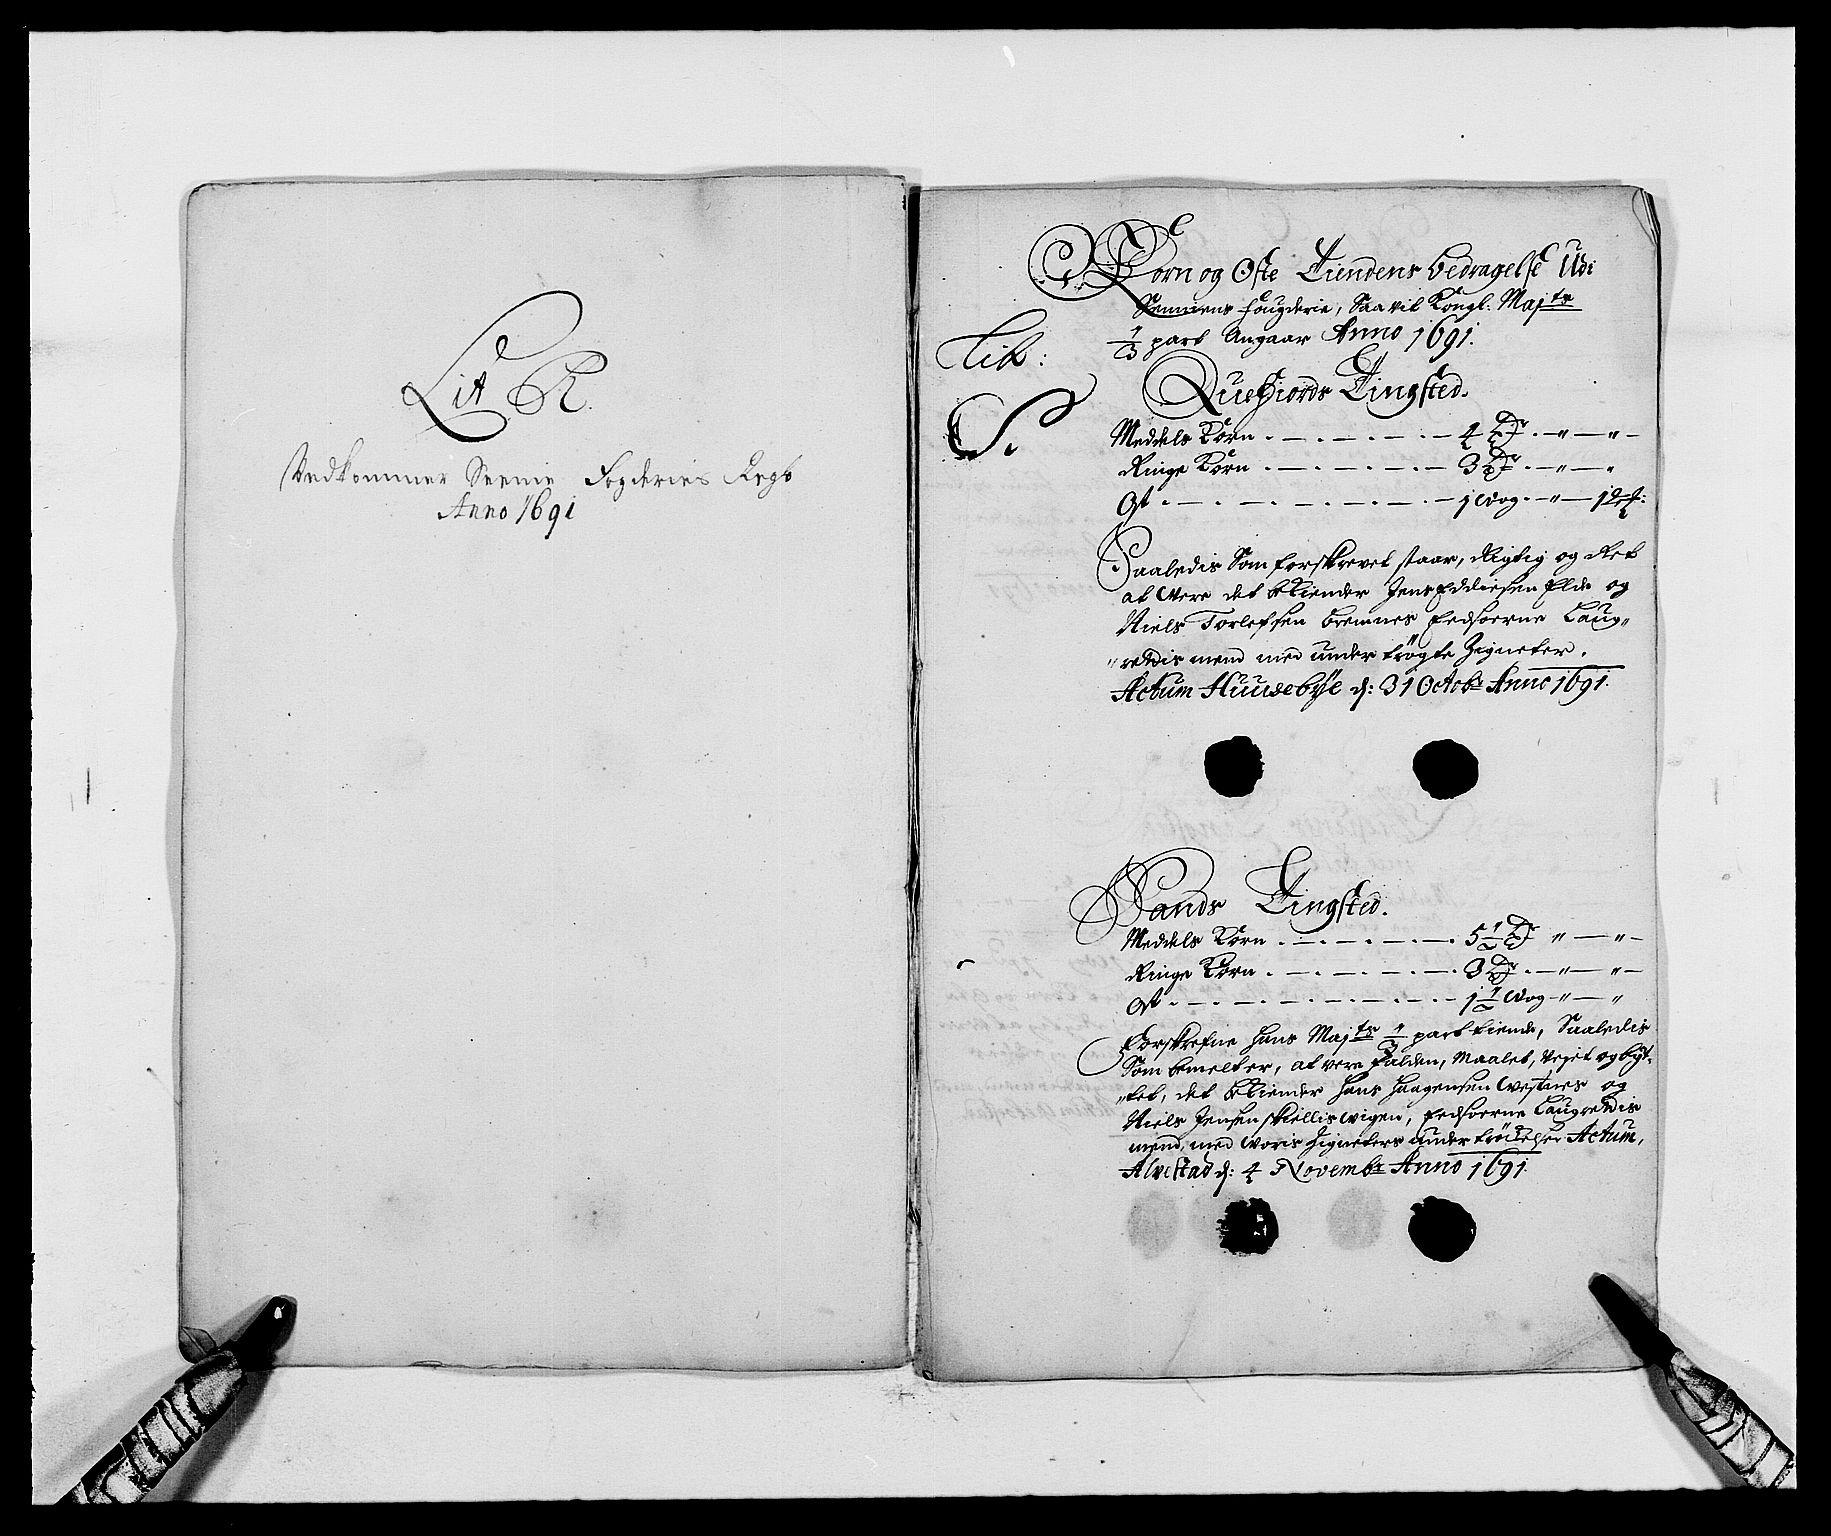 RA, Rentekammeret inntil 1814, Reviderte regnskaper, Fogderegnskap, R68/L4752: Fogderegnskap Senja og Troms, 1691-1693, s. 127